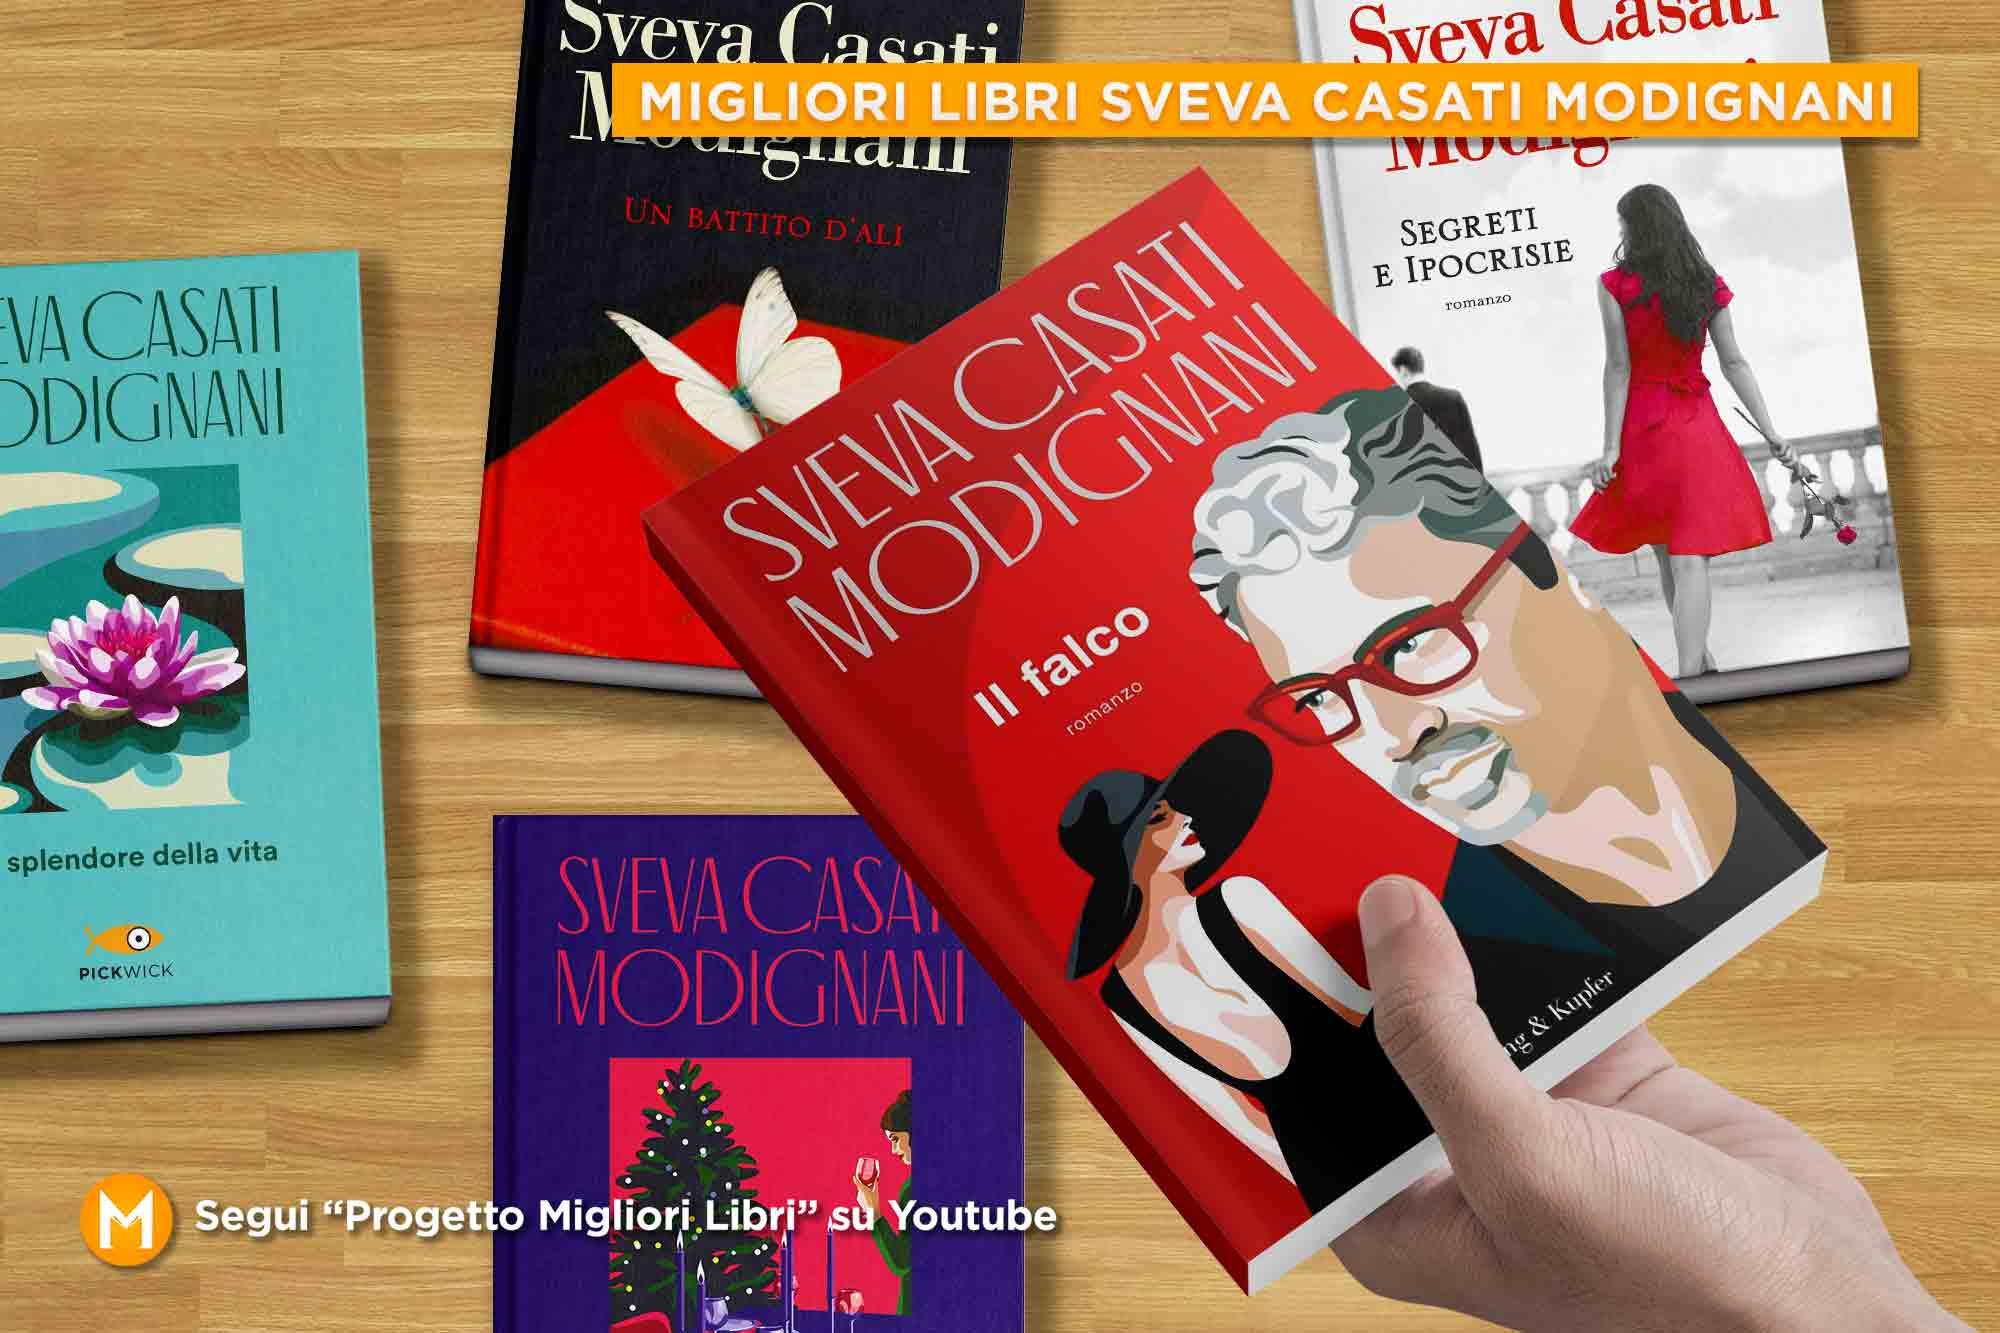 migliori-libri-sveva-casati-modignani